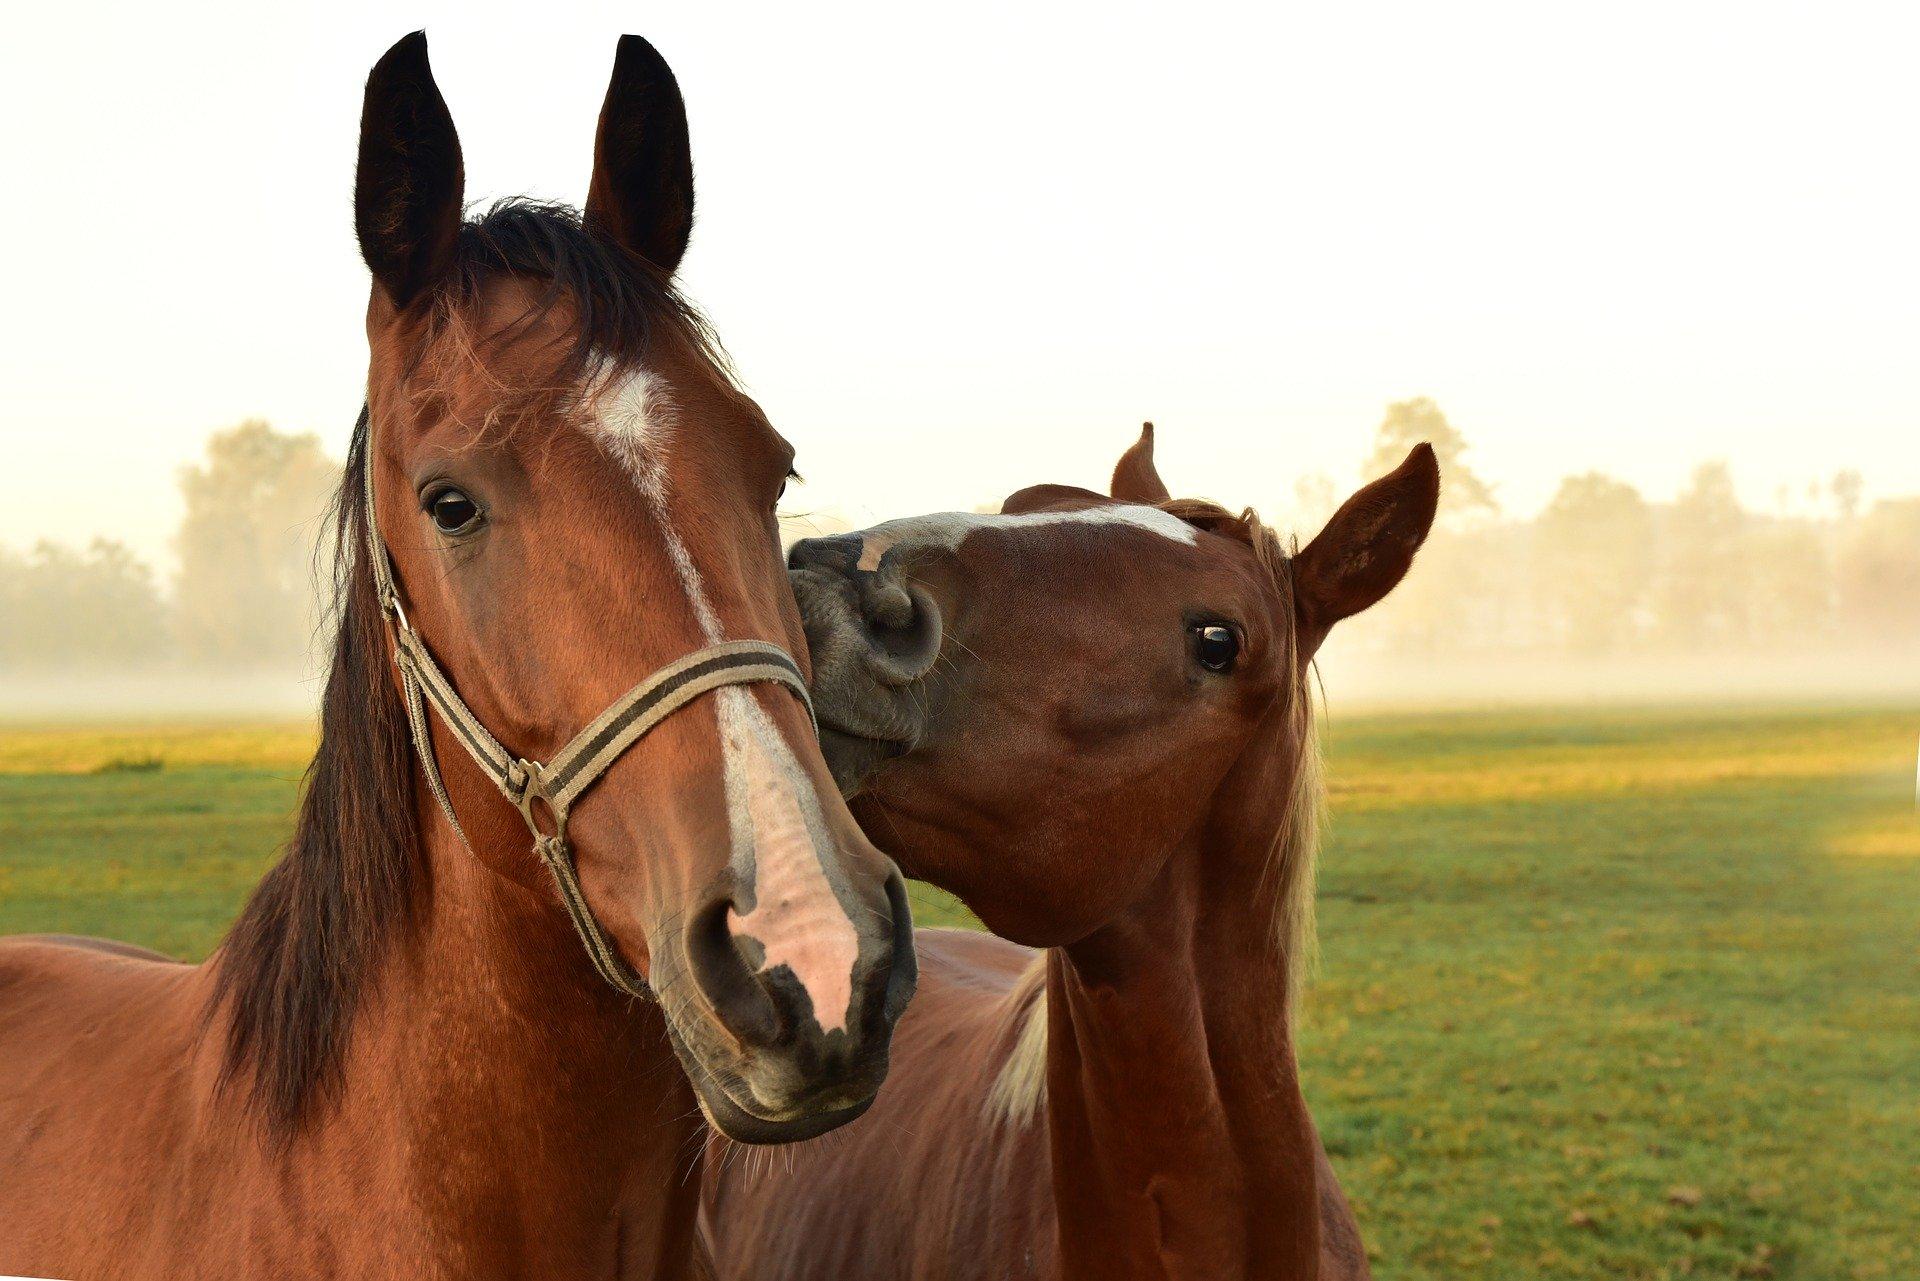 Horses in Pasture - Halton Region